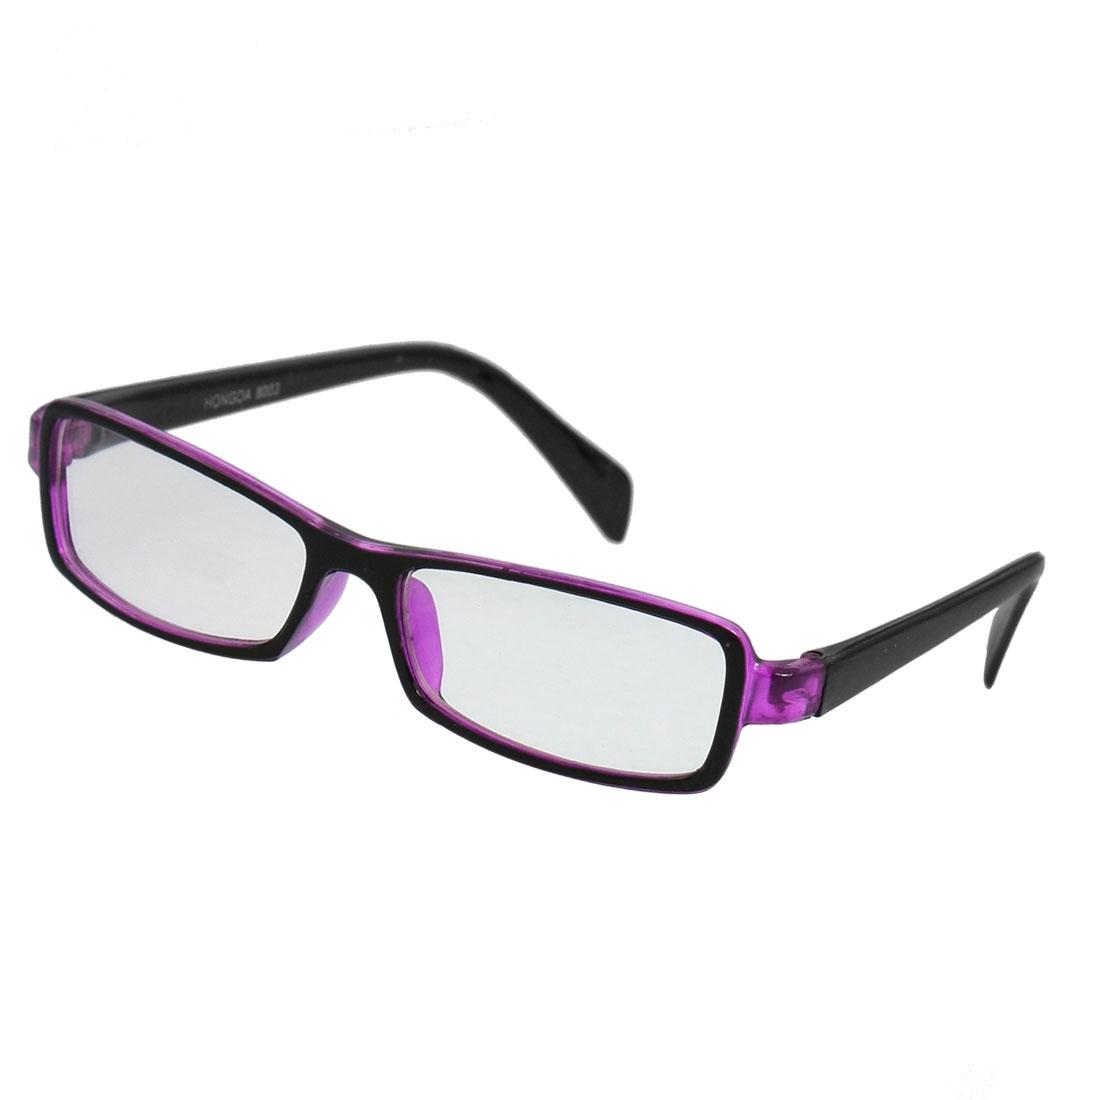 Children Plastic Frame Rectangular Lens Full Rim Spectacle Eyeglass Black Purple